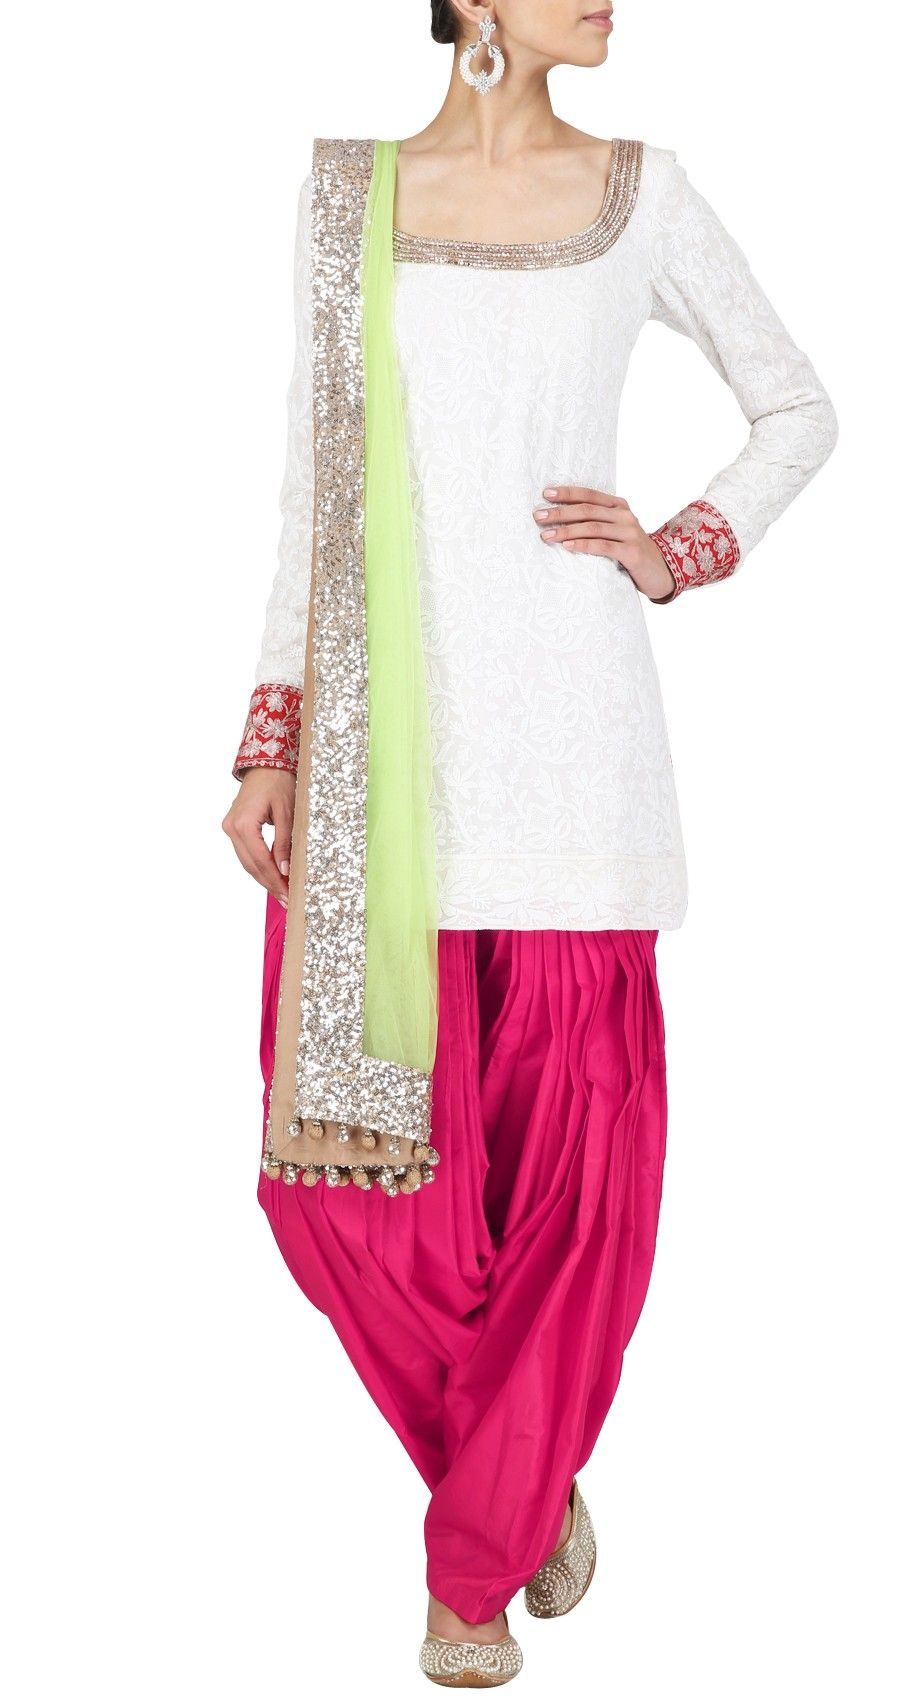 Manish malhotra suit mixed wedding pinterest suits patiala